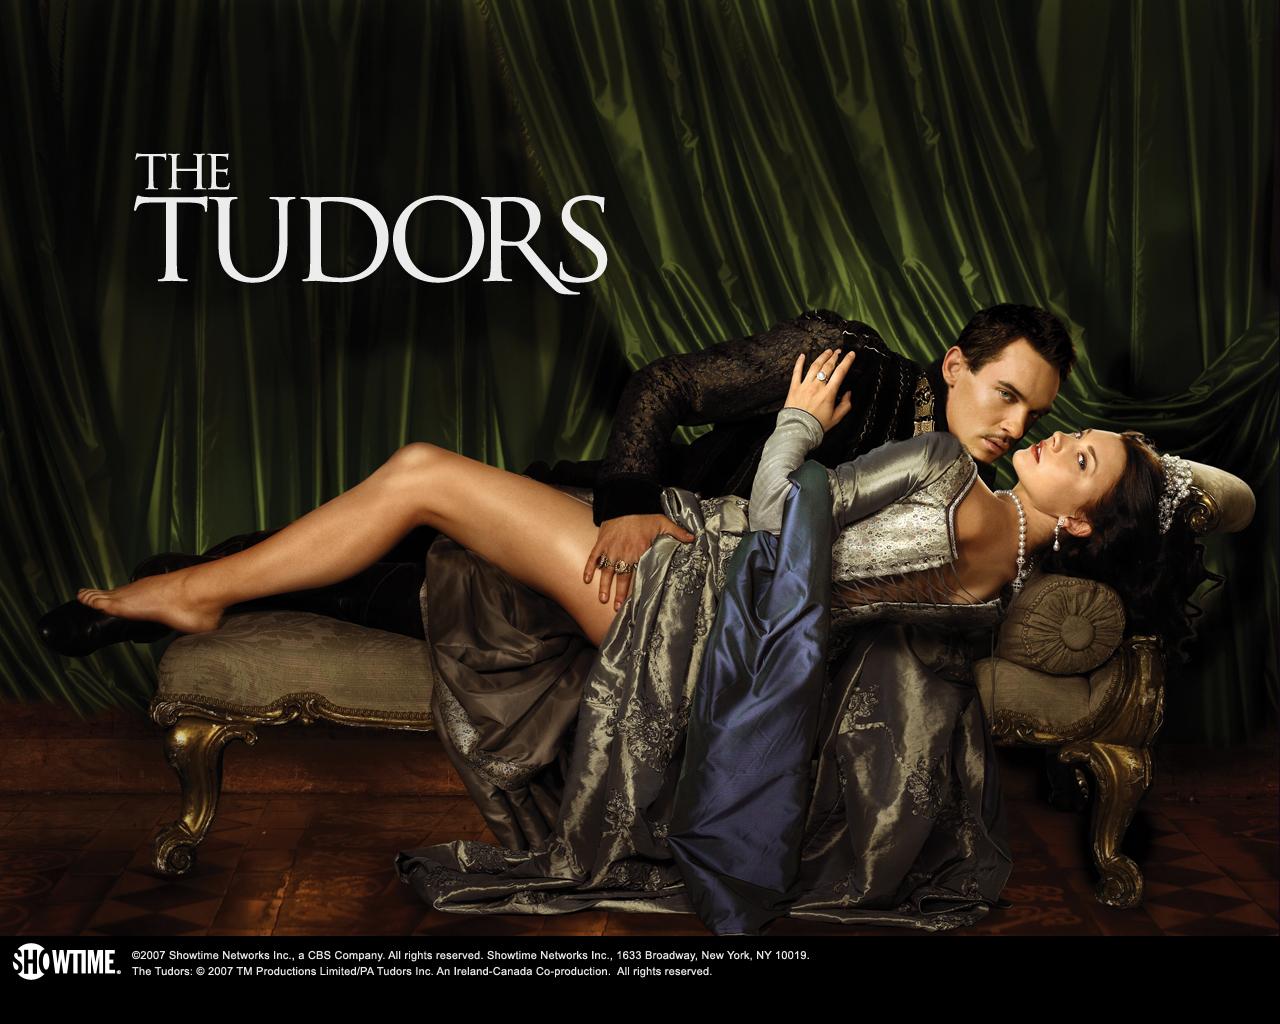 tudor serie tv  The Tudors, recensione della serie TV con Jonathan Rhys Meyers